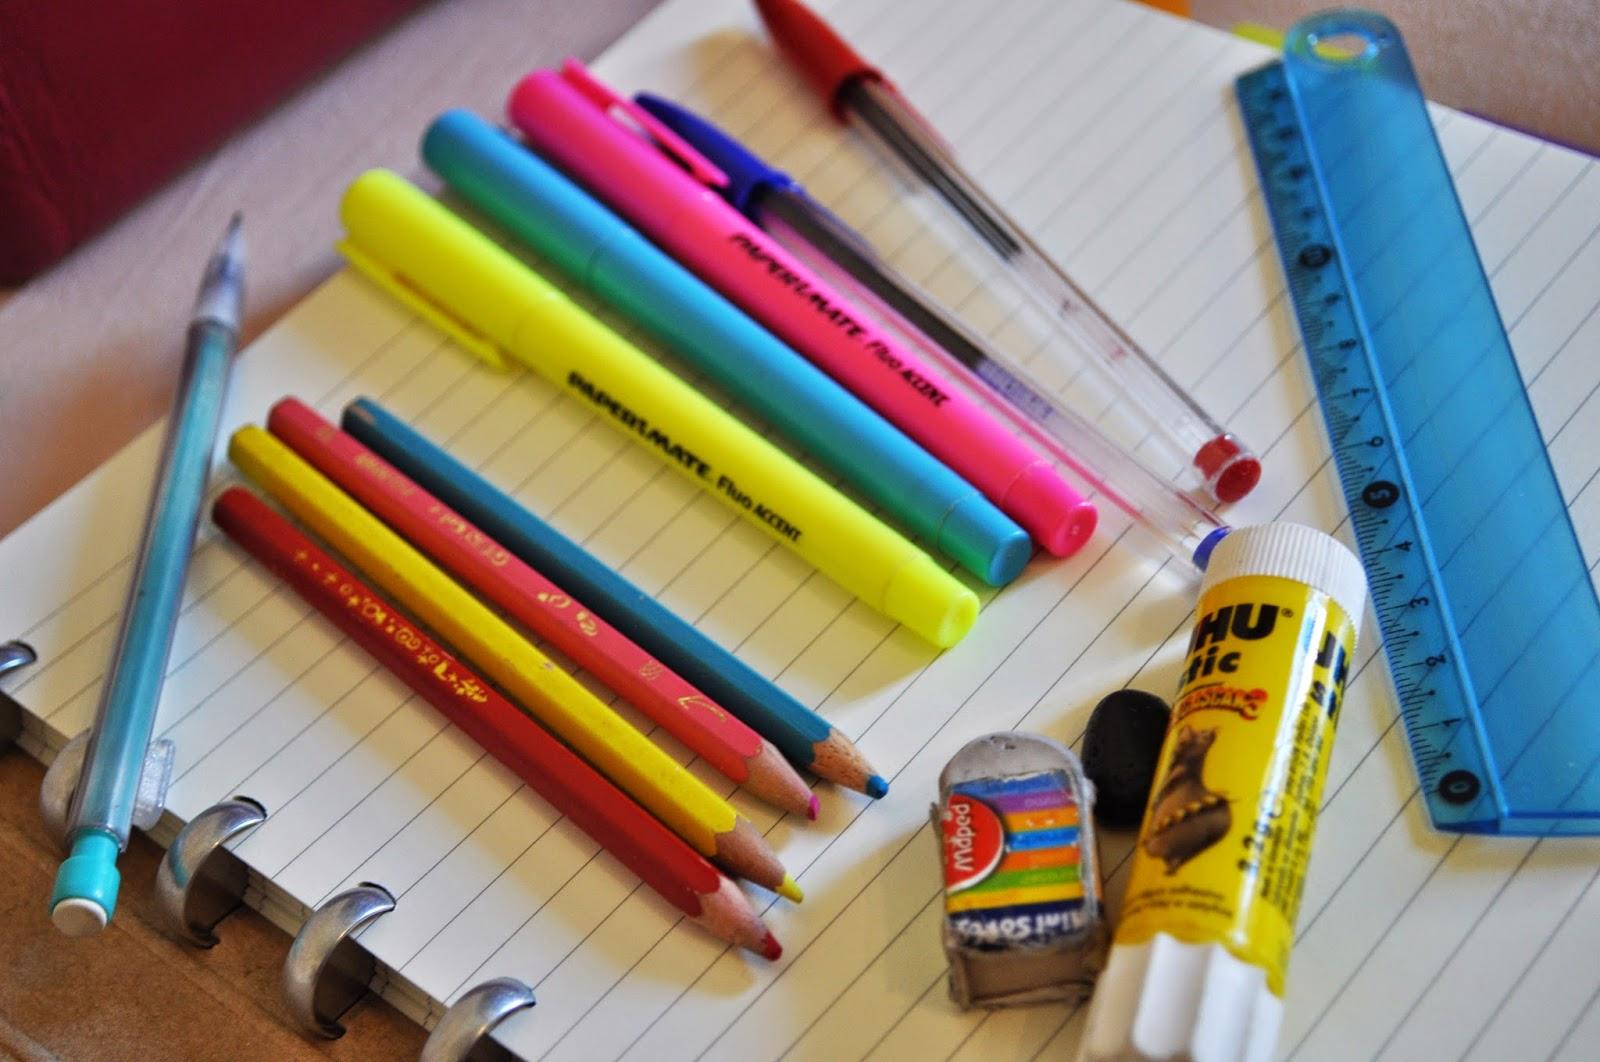 Bic, surligneurs, gomme, crayons, règle, colle, criterium, petite trousse rose de chez michel